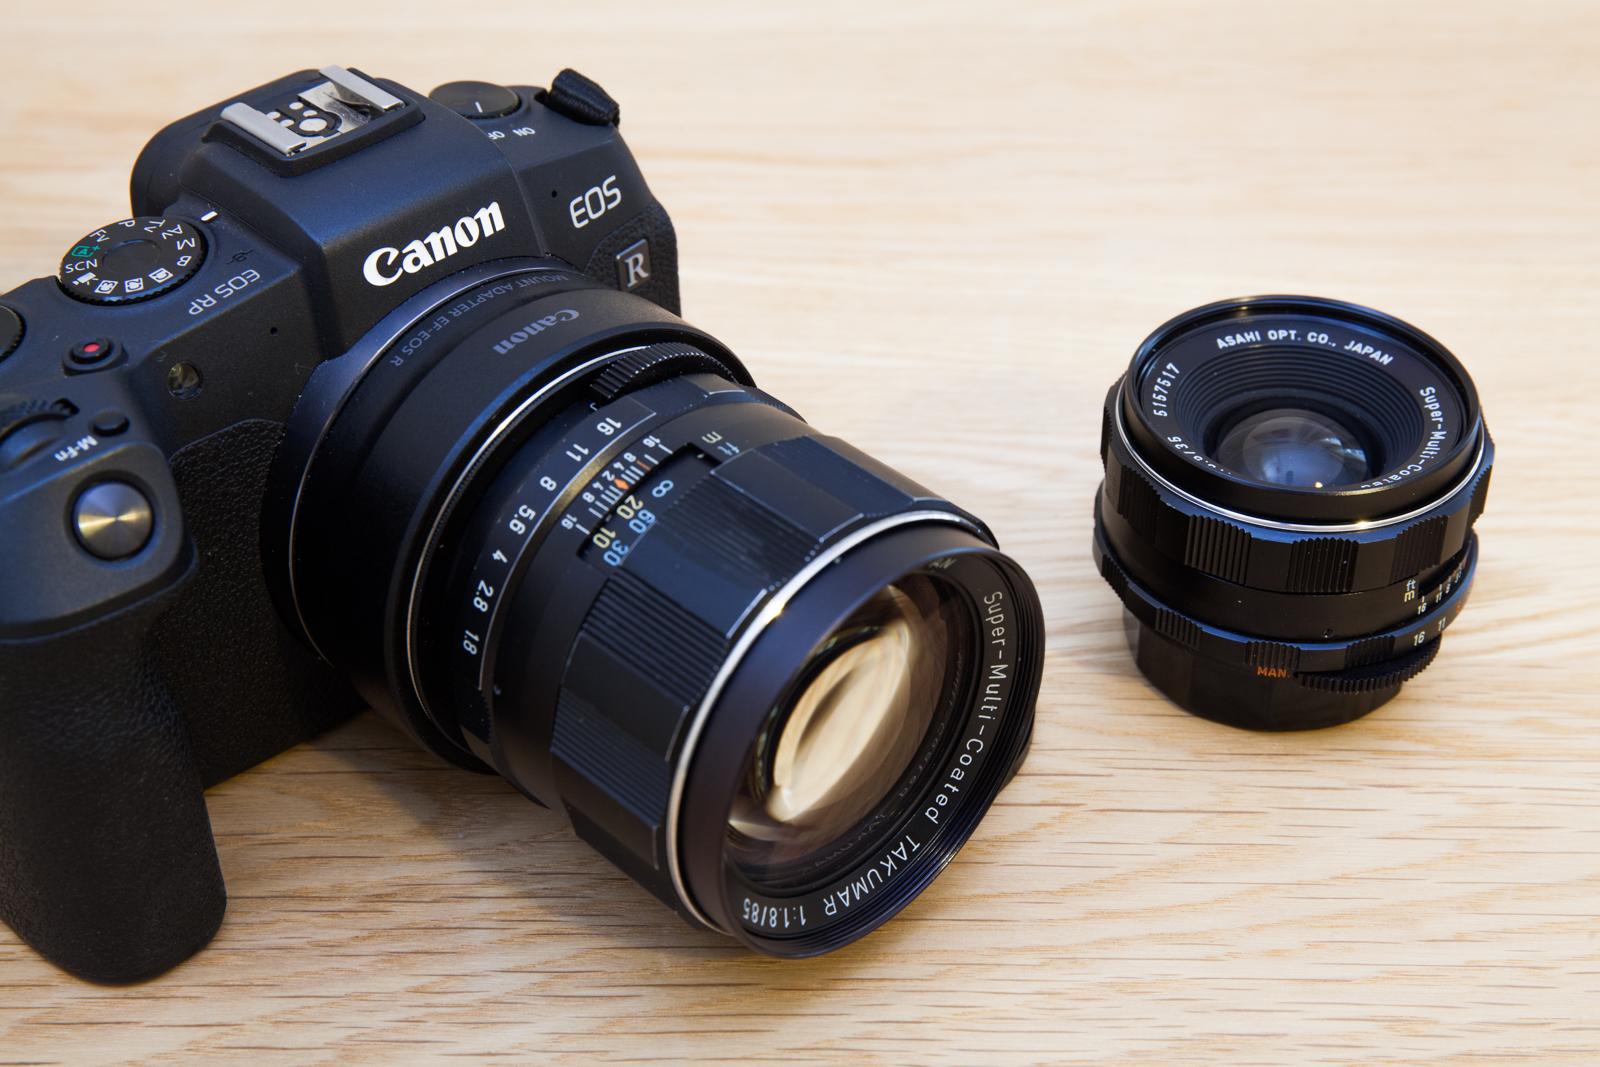 Canon RP, SMC Takumar 35mm F/3.5 et 85mm F/1.8 composant l'équipement idéal de Pierre-Louis Ferrer, présenté dans un article de blog.